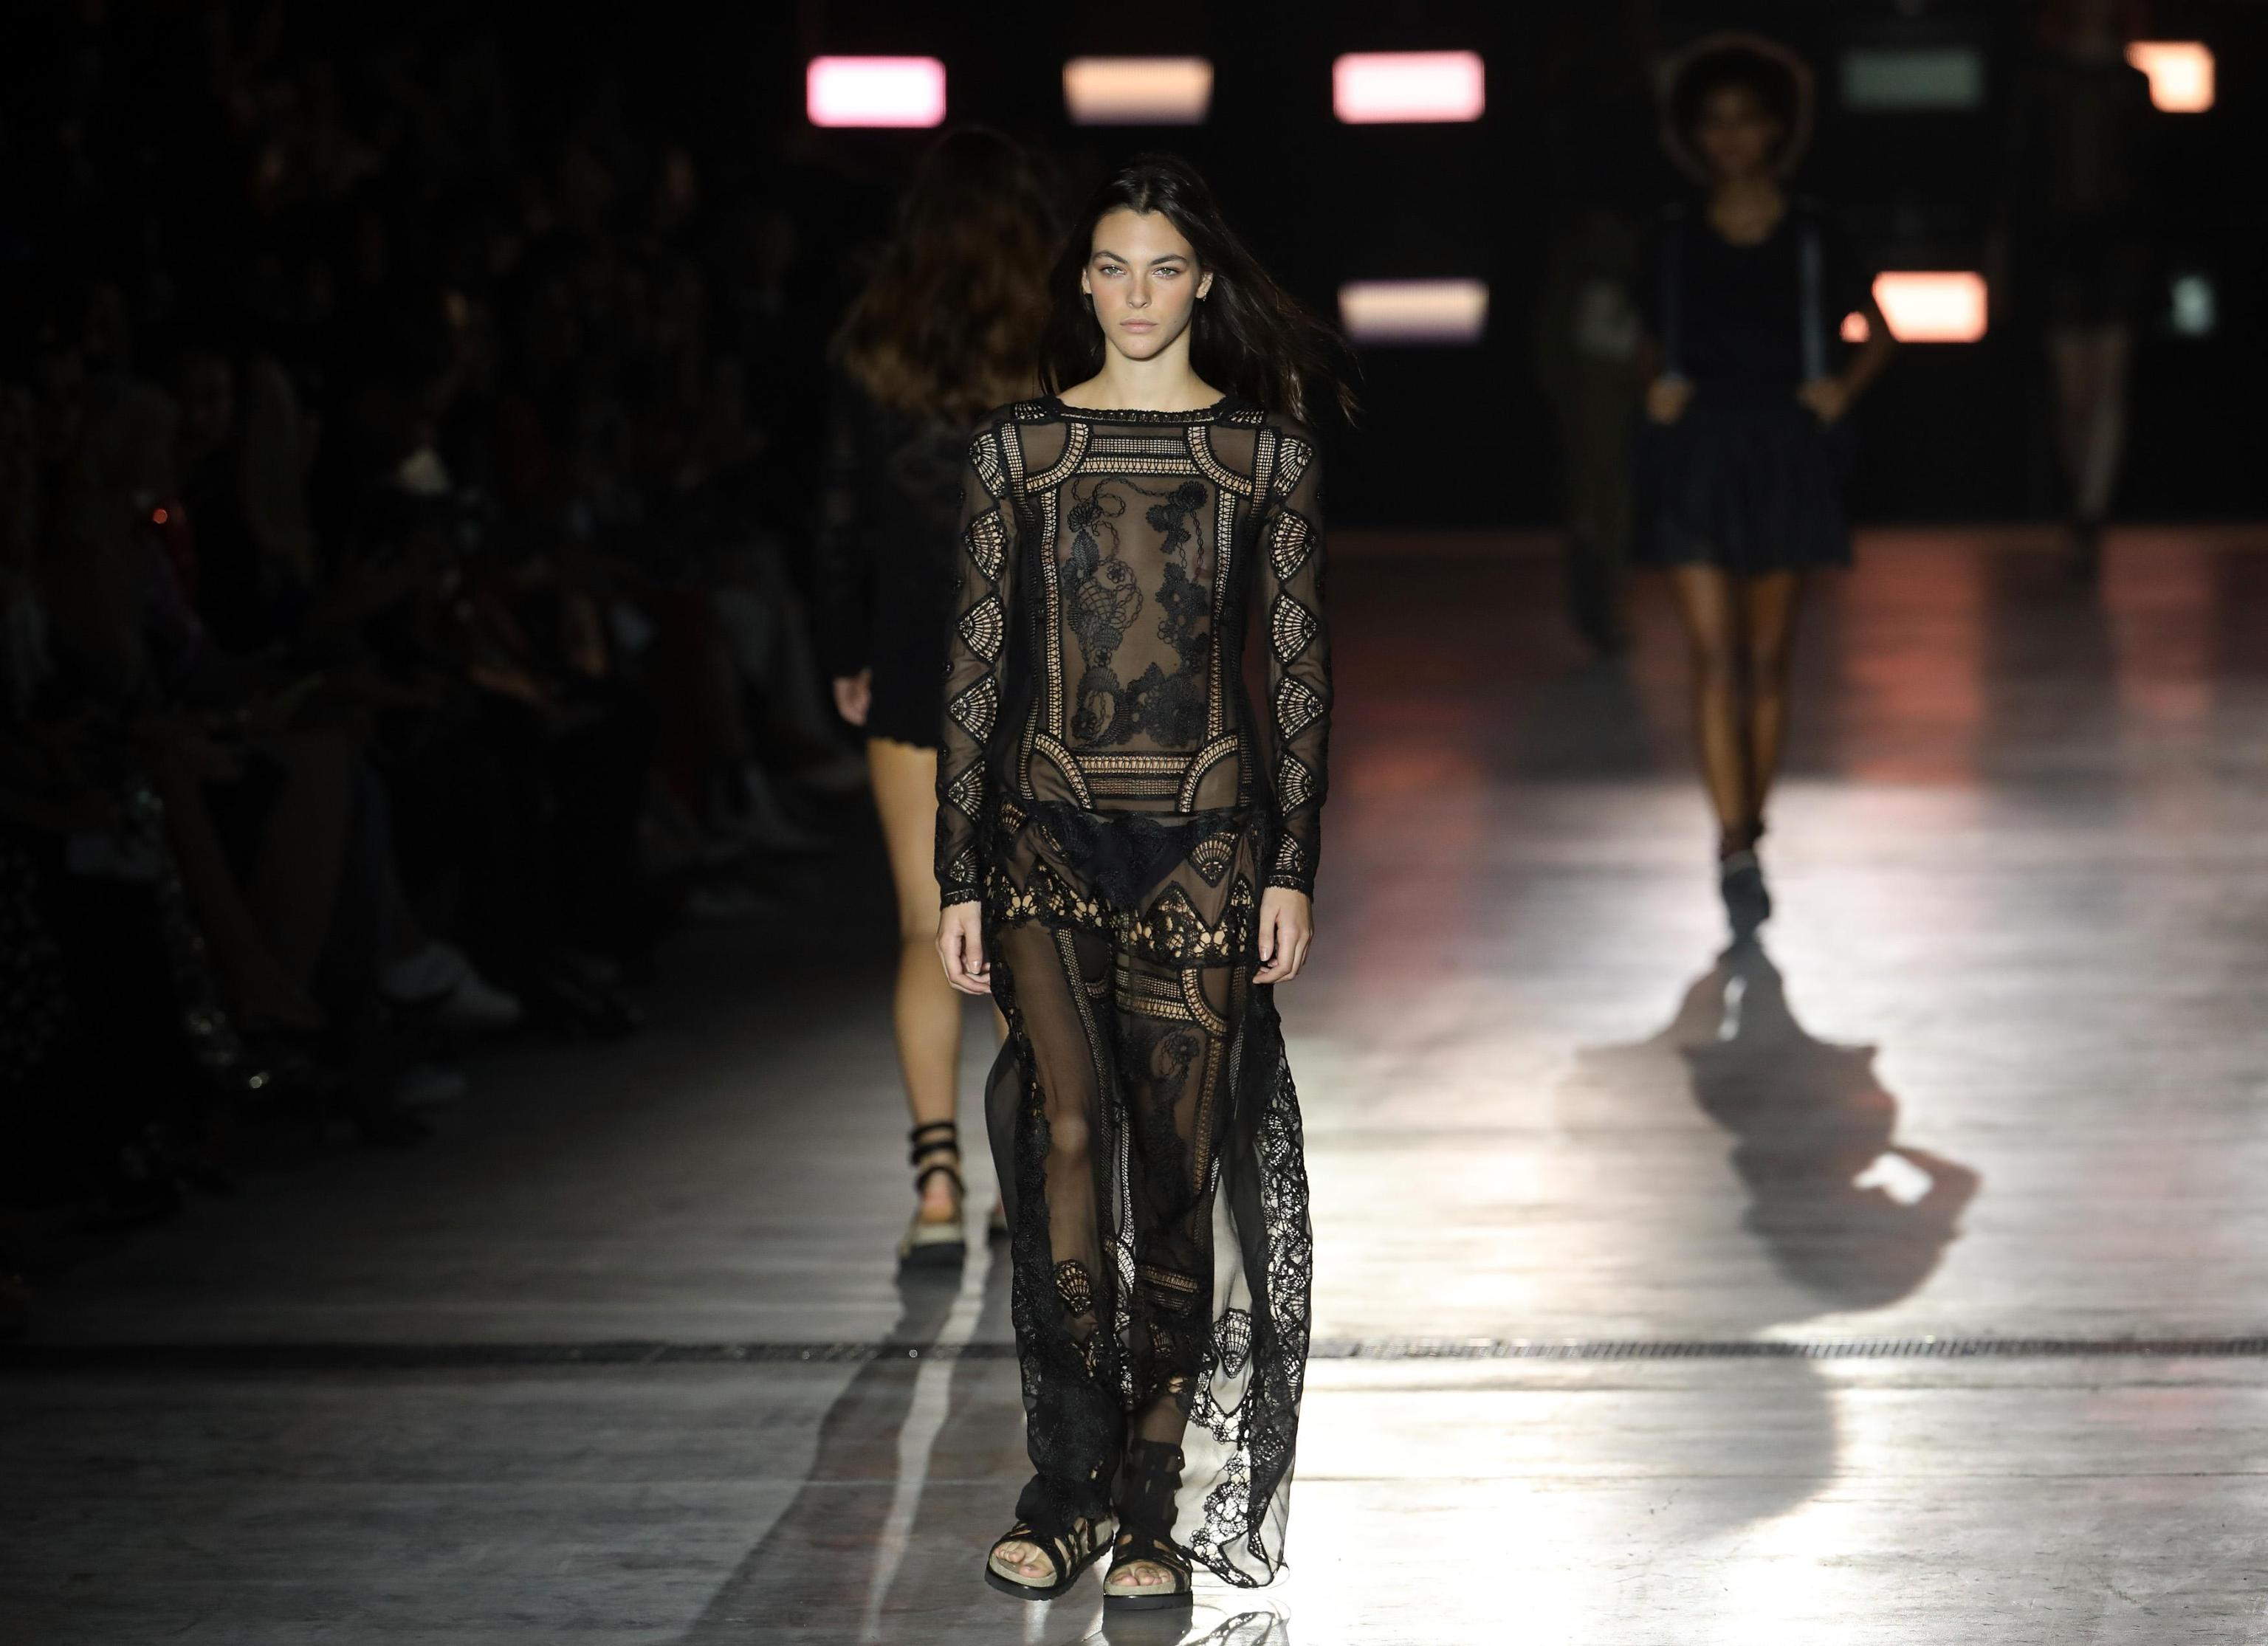 Abito Alberta Ferretti milano fashion week 2018